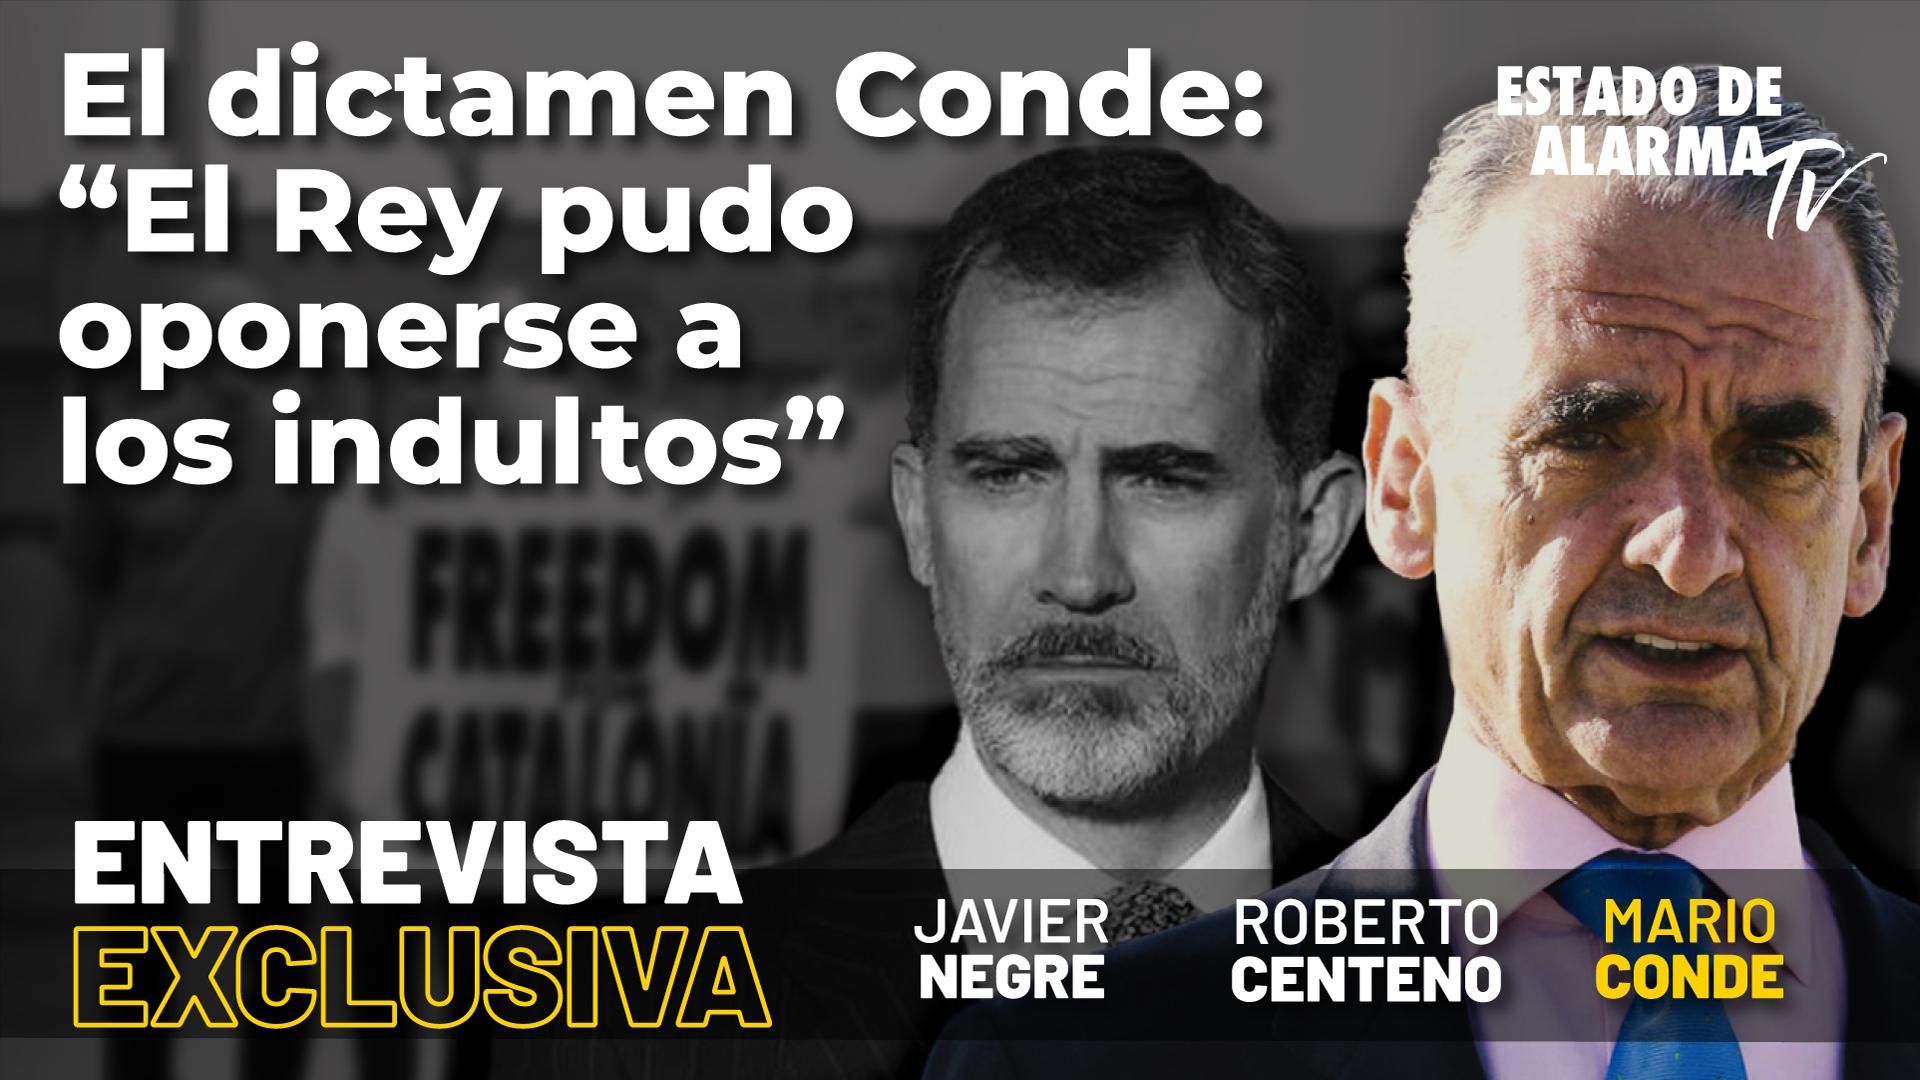 Imagen del video: El dictamen Conde: